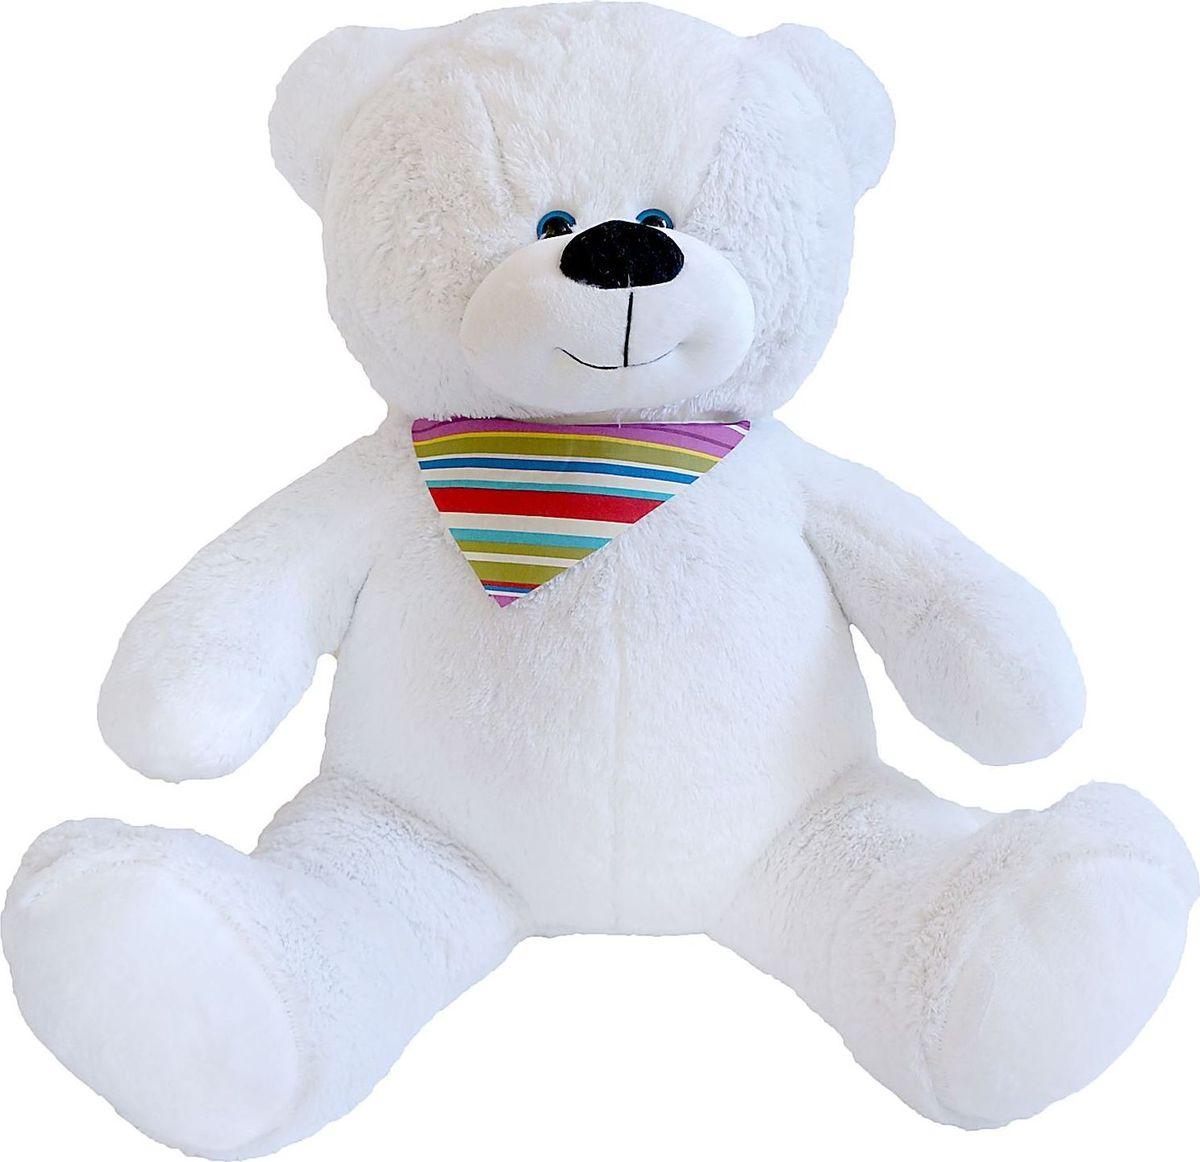 Купить Три мишки Мягкая игрушка Мишка Добрыня цвет белый 70 см, Мягкие игрушки